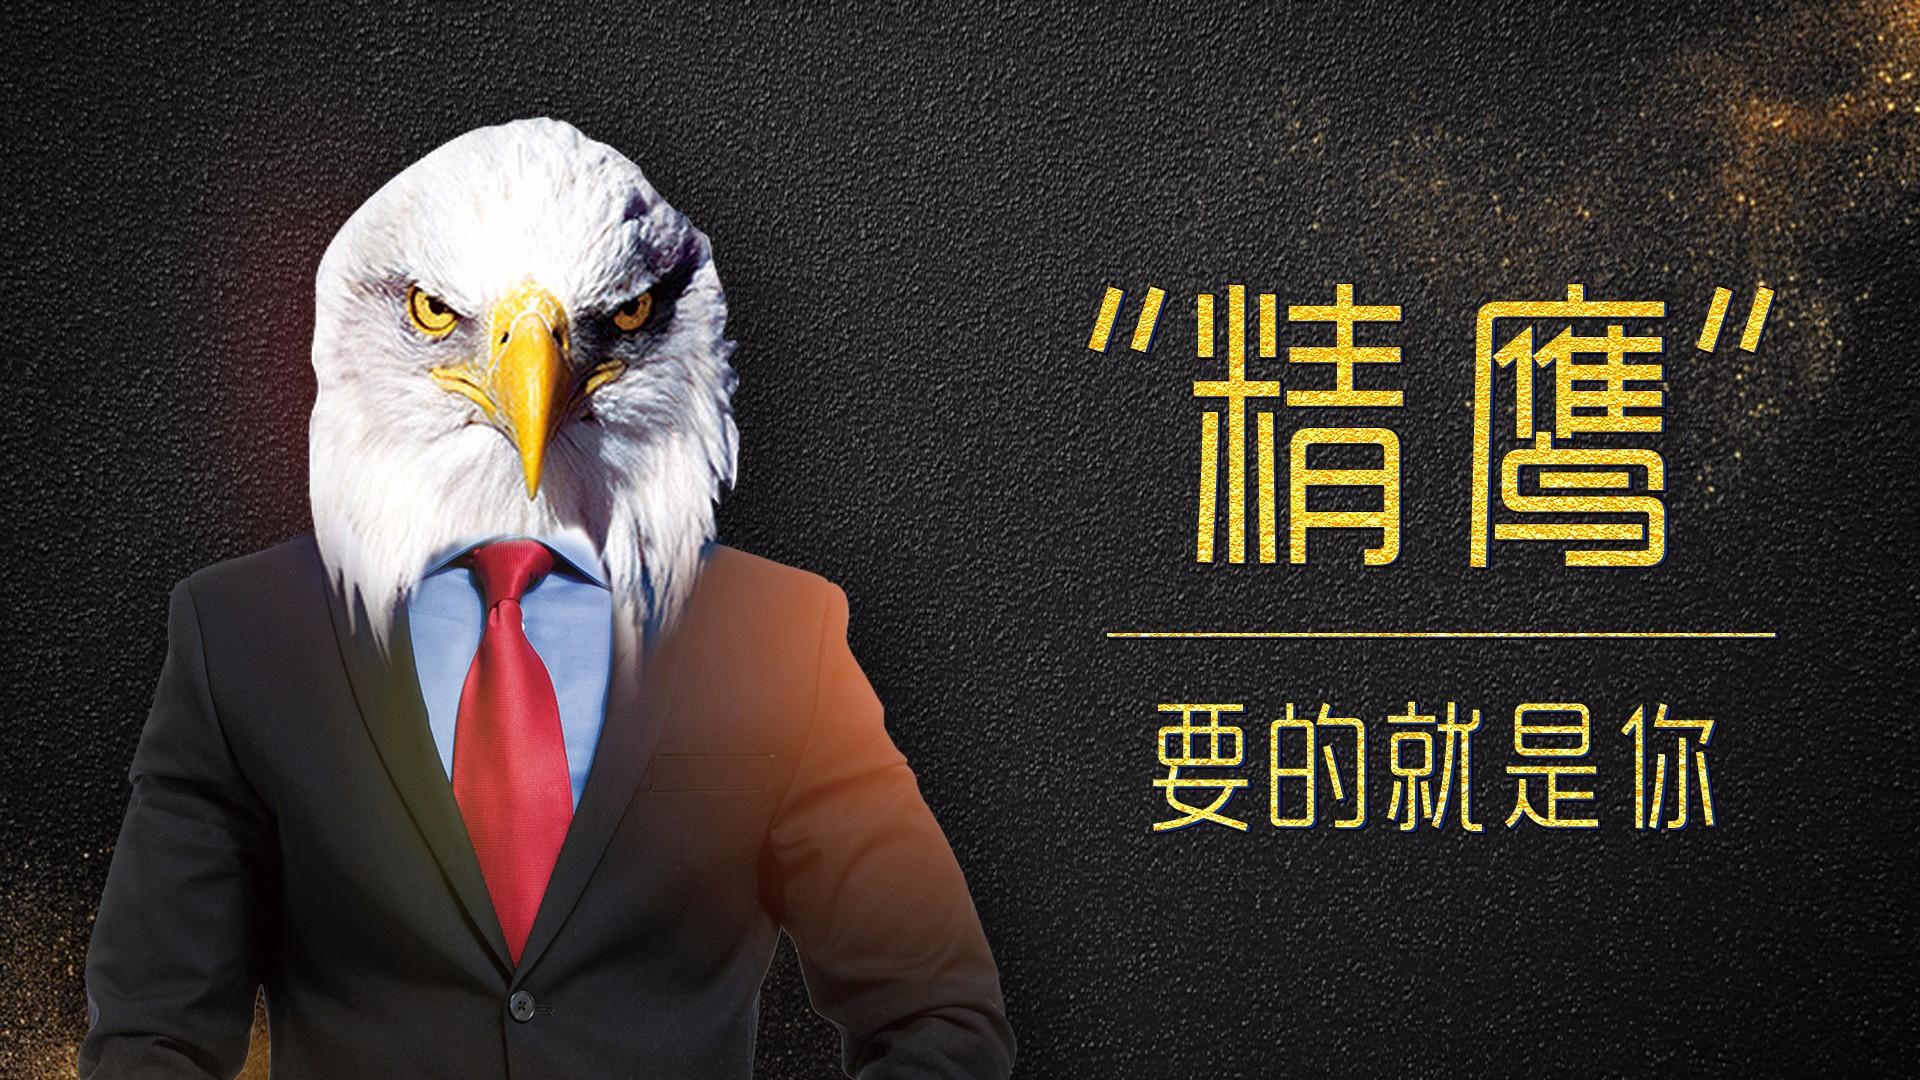 必博bbo官方网站招聘